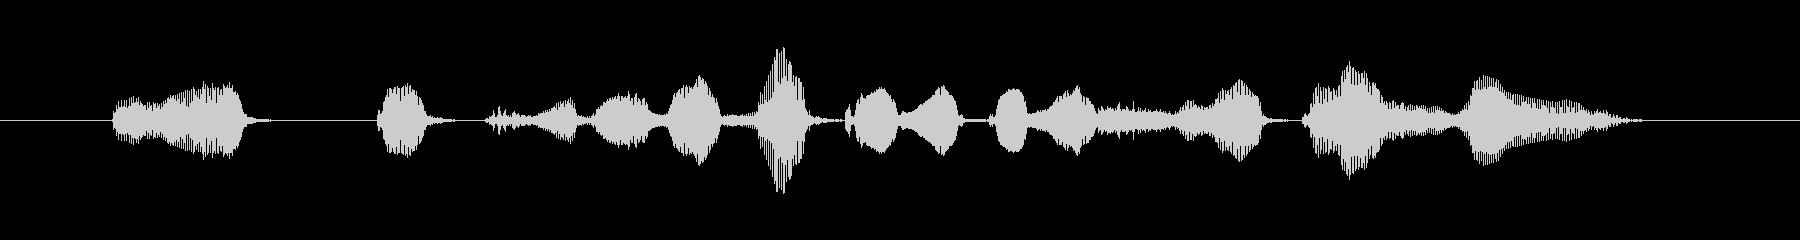 おっと、これはなかなかの塩対応の未再生の波形